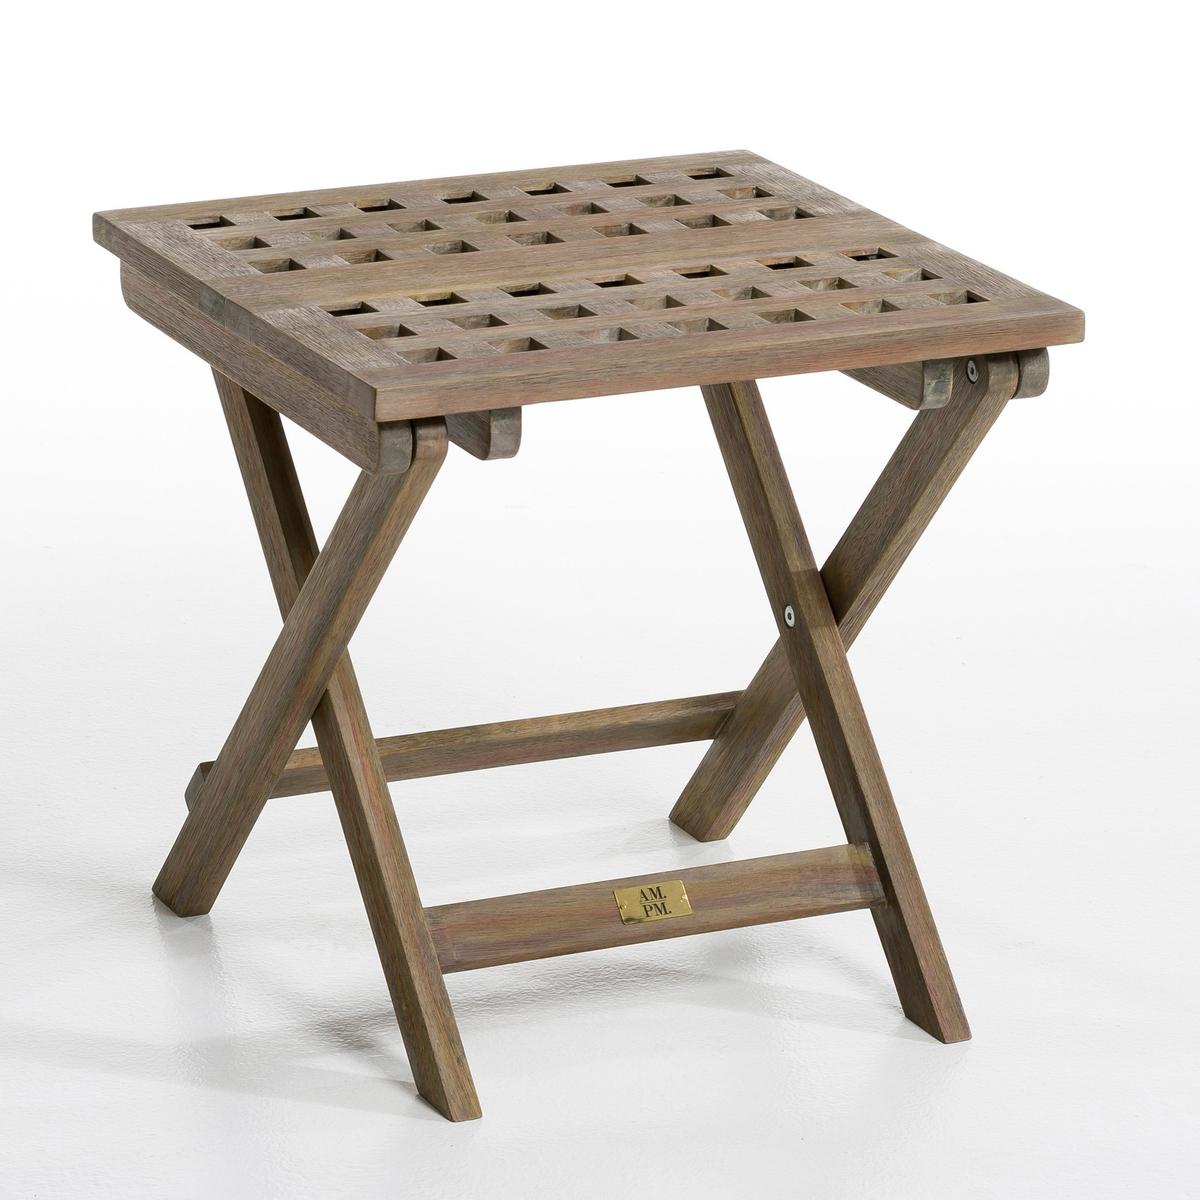 Столик садовый складной, MeltemДополнительный складной садовый столик, выполнен из состаренной древесины акации, покрытие имитирует вид необработанной древесины.             Акация относится к тем видам древесных пород, которые устойчивы к влаге и УФ-излучению, а потому идеально подходят для использования вне помещений.        Характеристики:- Столешница из древесины с решётчатым рисунком.                Размеры:- Д.40 x В.40 x Г.40 см.      Размеры и вес коробки:- Д.54 x В.8 x Г.43 см, 3,5 кг.<br><br>Цвет: состаренная акация<br>Размер: единый размер